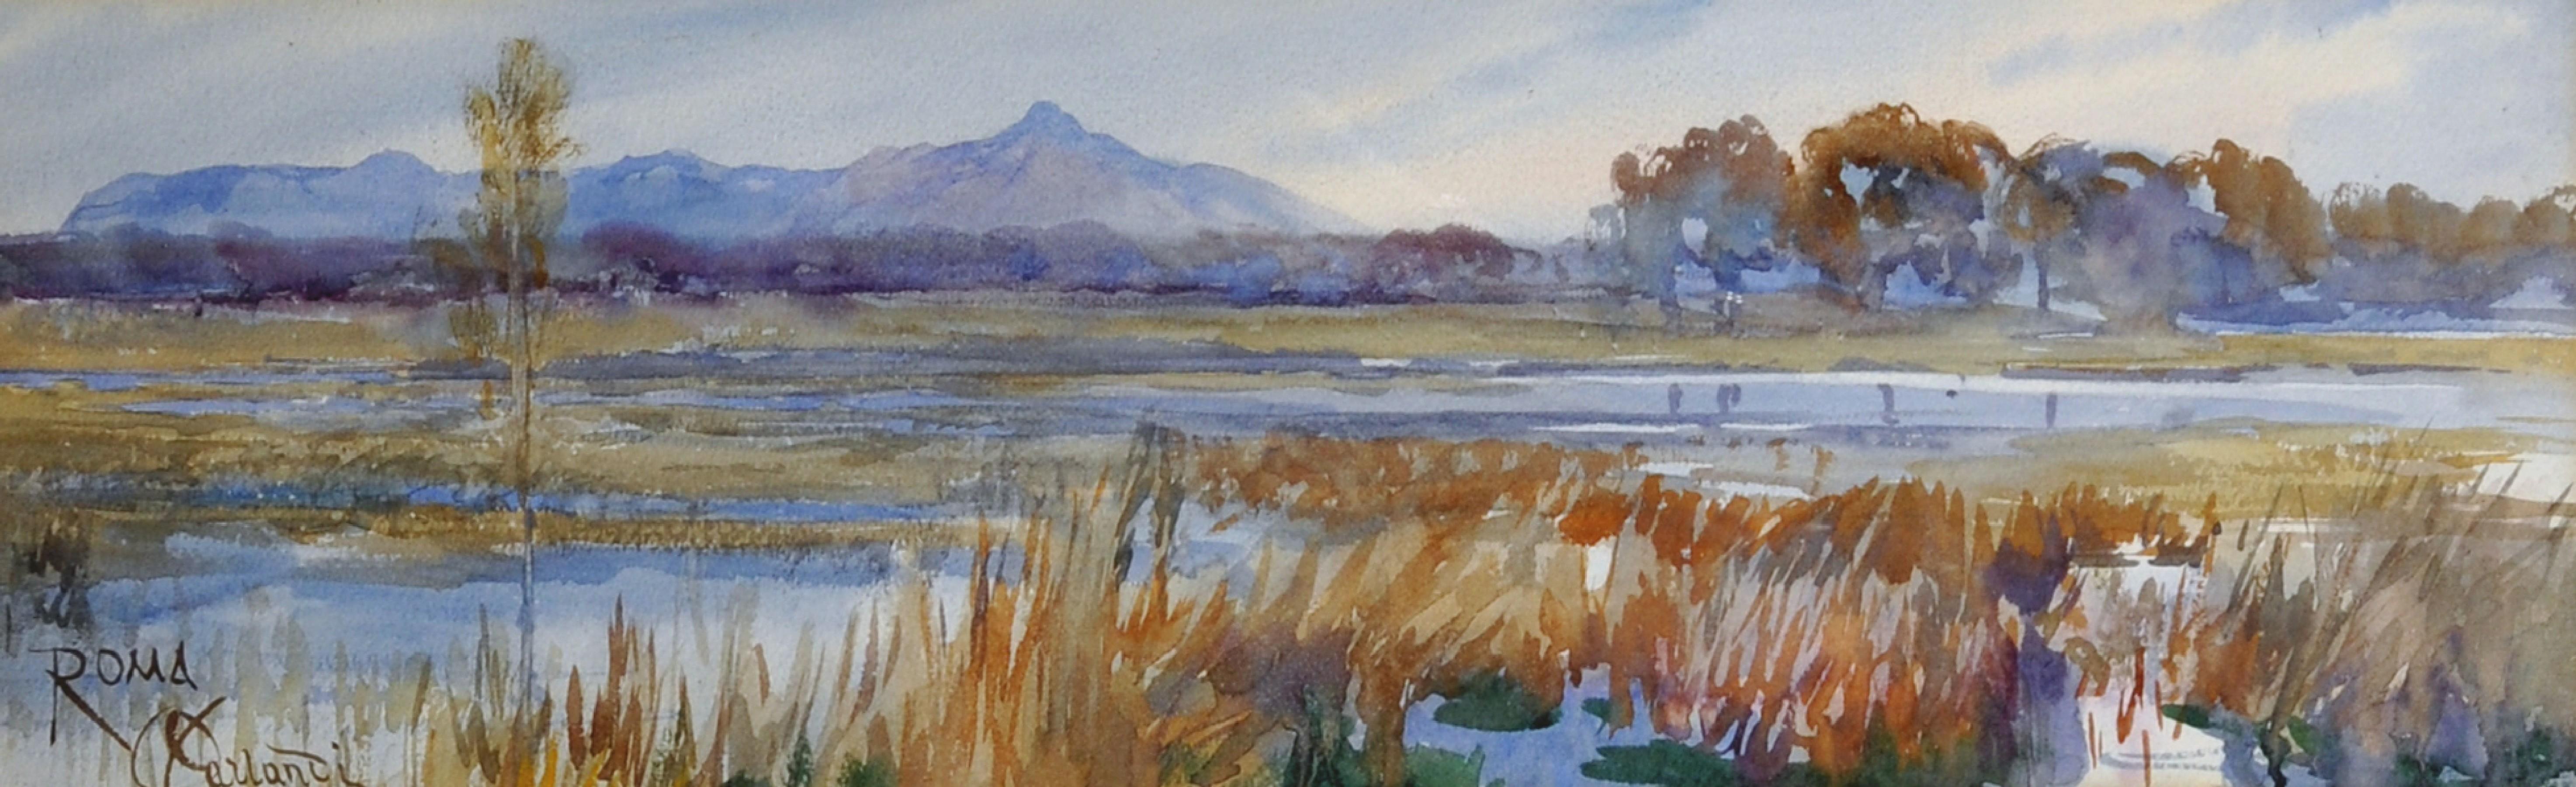 Onorato Carlandi (1848-1939) Italian. A River Landscape, Watercolour, Signed and Inscribed 'Roma',